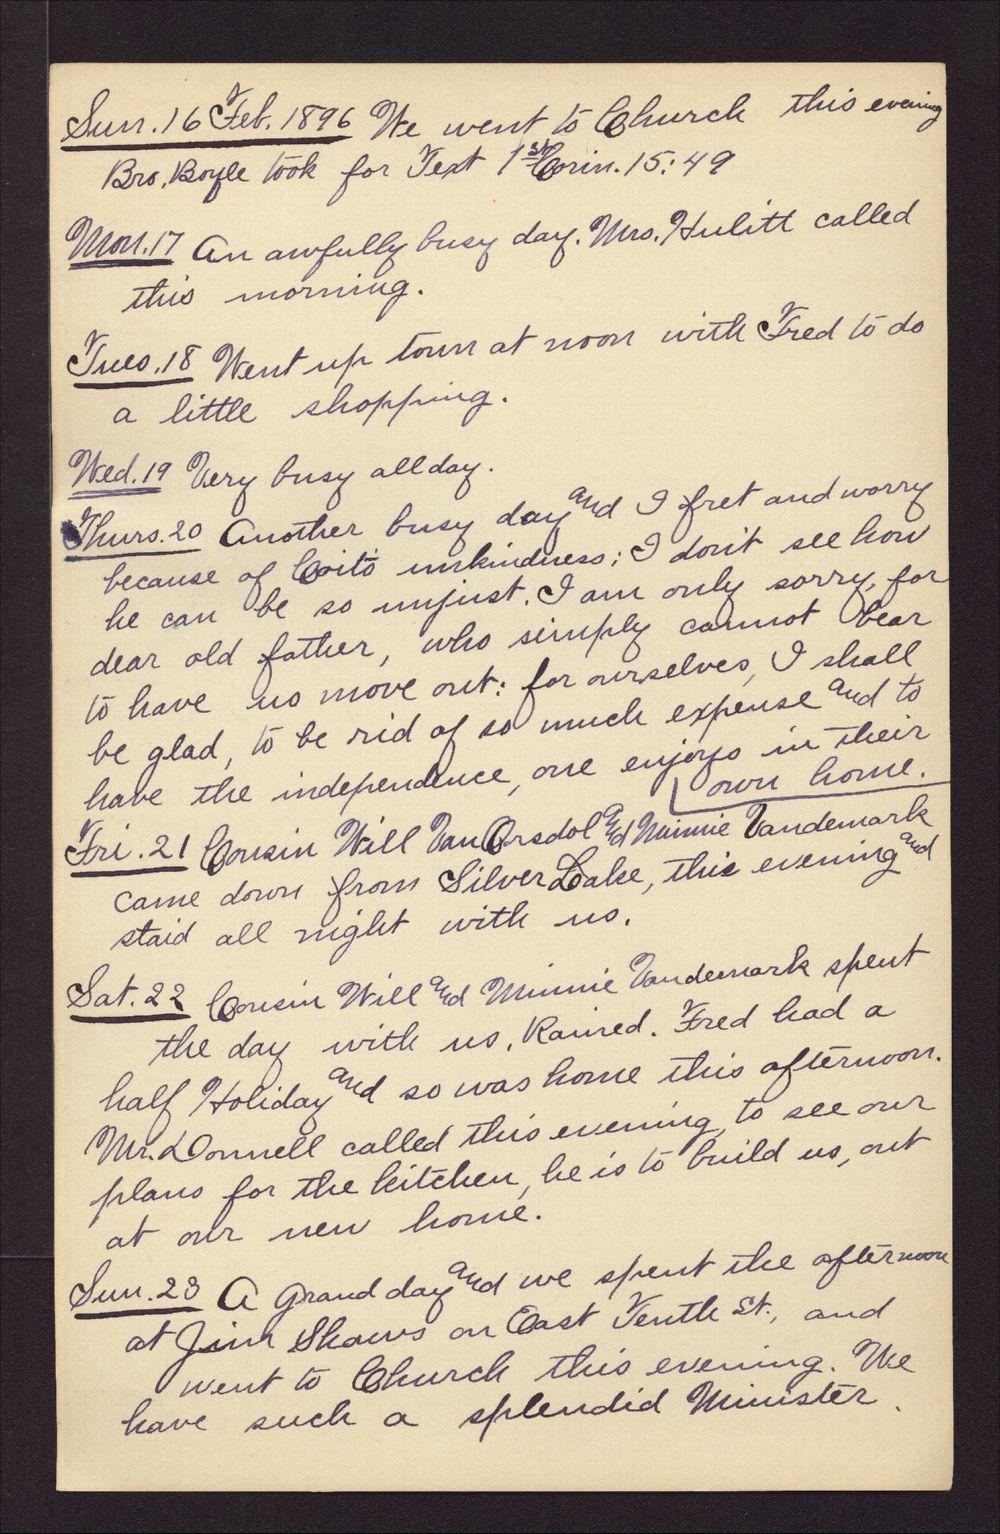 Martha Farnsworth diary - Feb 16, 1896